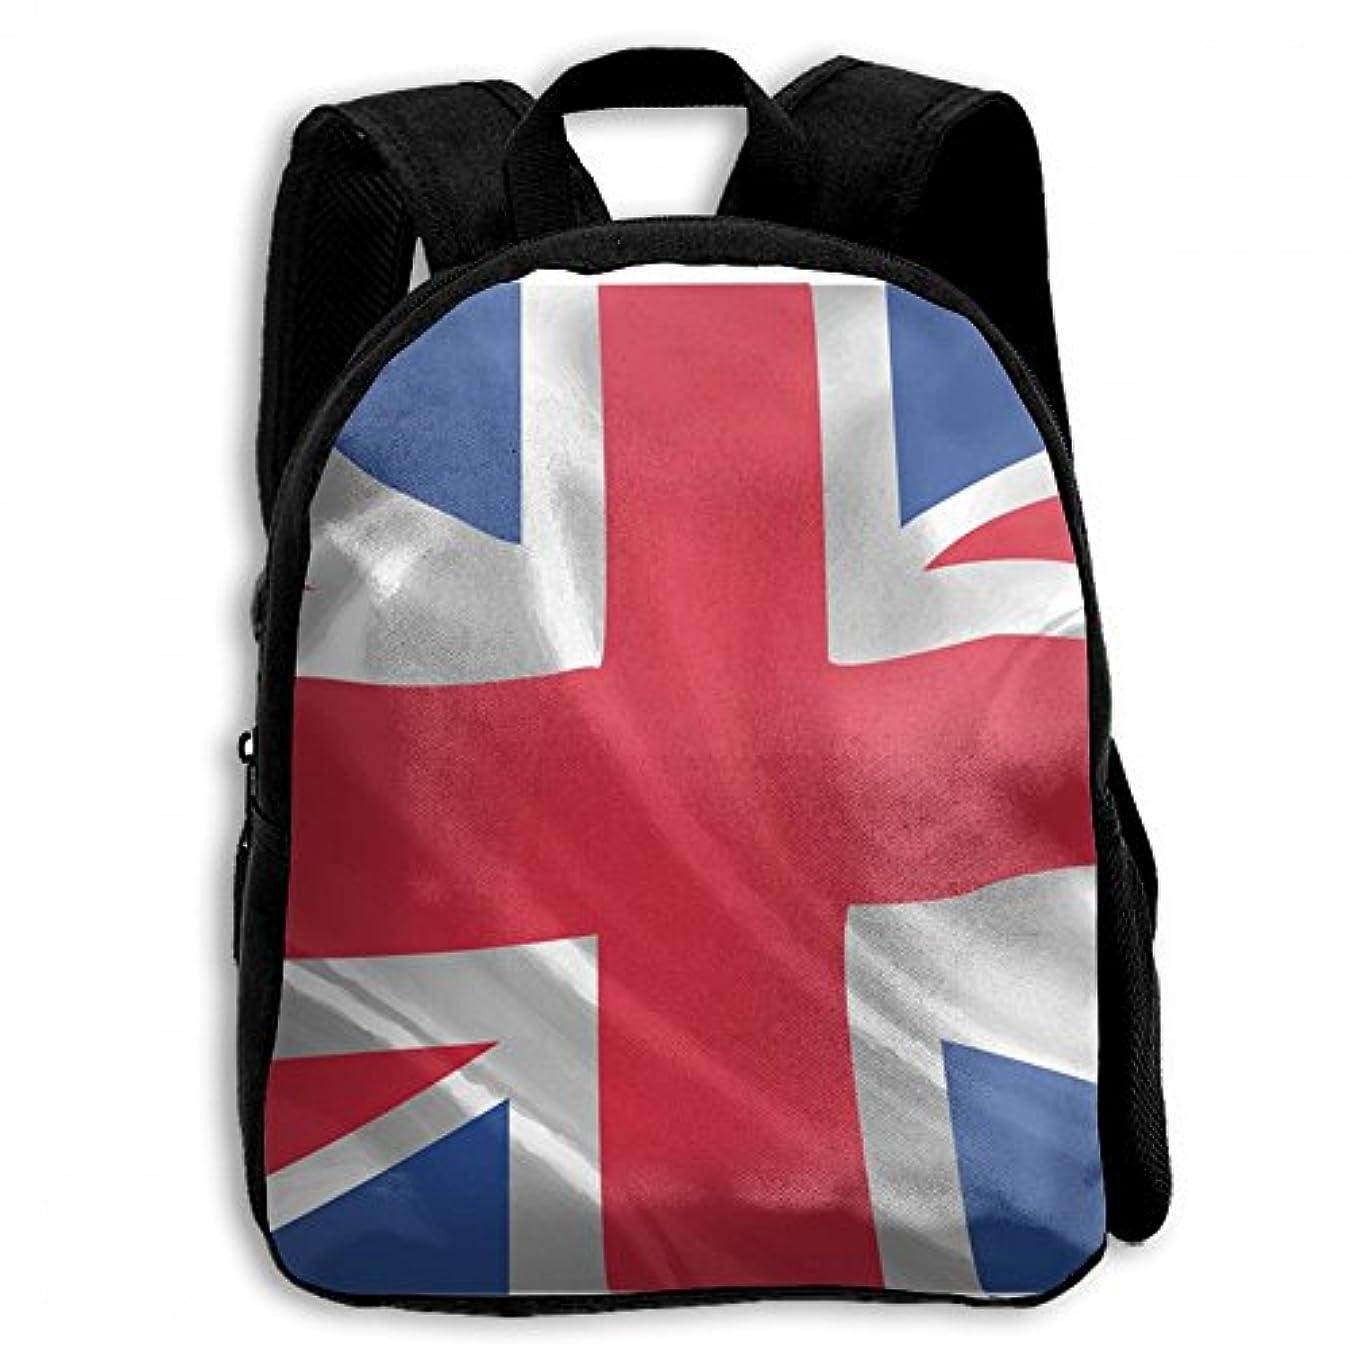 インフルエンザ床影響力のあるキッズ リュックサック バックパック キッズバッグ 子供用のバッグ キッズリュック 学生 イギリスの国旗 自由 アウトドア 通学 ハイキング 遠足